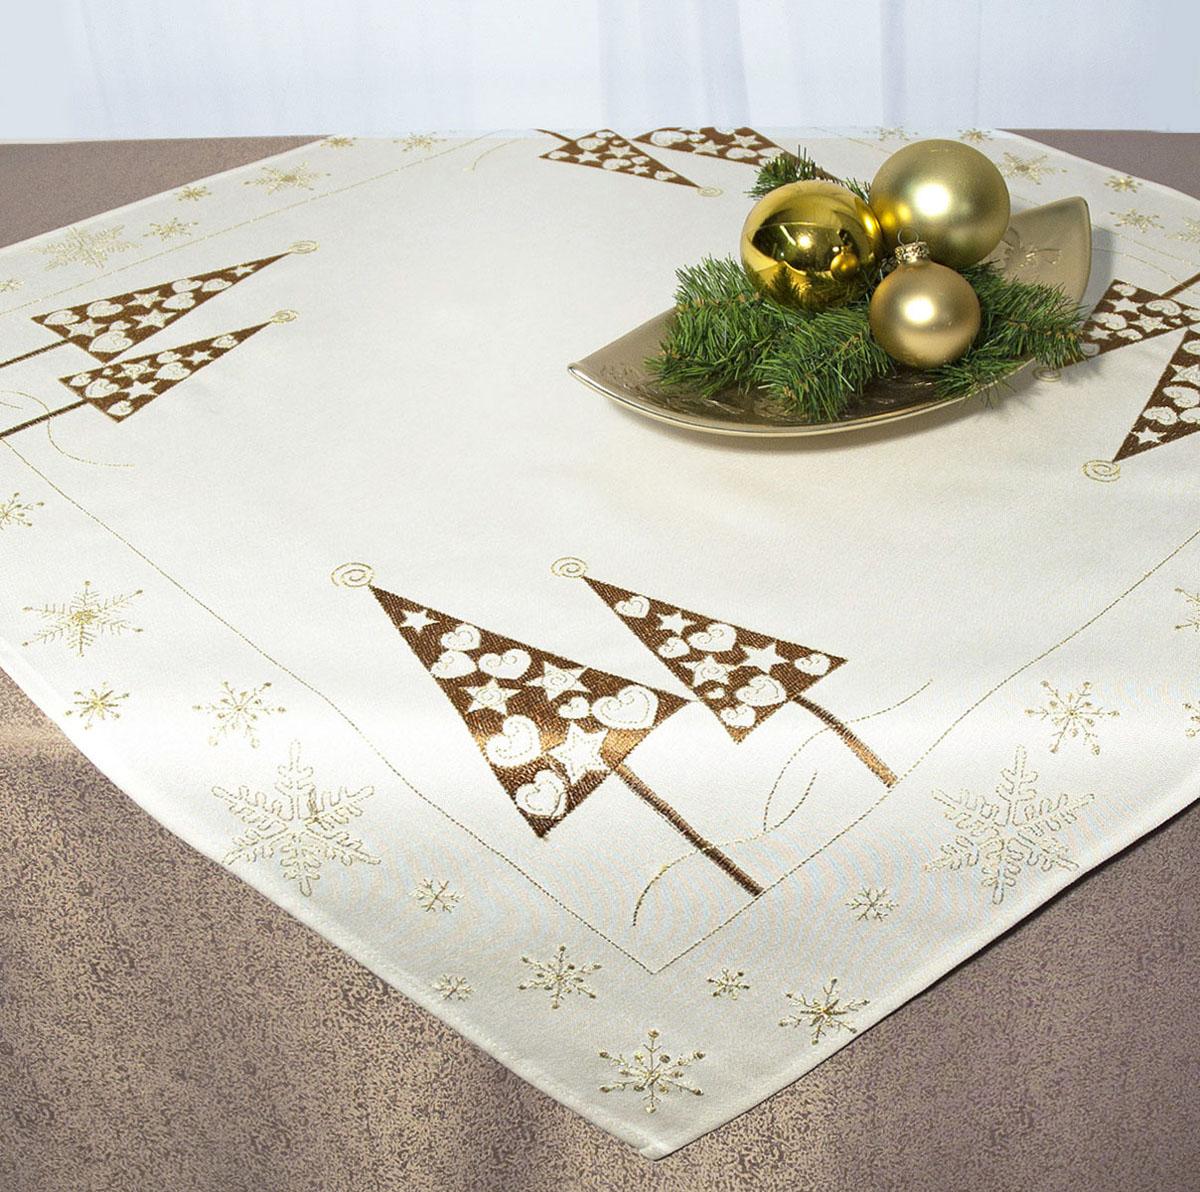 Скатерть Schaefer, квадратная, цвет: бежевый, золотистый, 85 x 85 см. 07486-10007486-100Скатерть Schaefer изготовлена из полиэстера и украшена новогодней вышивкой. Изделия из полиэстера легко стирать: они не мнутся, не садятся и быстро сохнут, они более долговечны, чем изделия из натуральных волокон. Кроме того, ткань обладает водоотталкивающими свойствами. Такая скатерть будет просто не заменима на кухне, а особенно на вашем обеденном столе на даче под открытым небом. Скатерть Schaefer не останется без внимания ваших гостей, а вас будет ежедневно радовать ярким дизайном и несравненным качеством. Немецкая компания Schaefer создана в 1921 году. На протяжении всего времени существования она создает уникальные коллекции домашнего текстиля для гостиных, спален, кухонь и ванных комнат. Дизайнерские идеи немецких художников компании Schaefer воплощаются в текстильных изделиях, которые сделают ваш дом красивее и уютнее и не останутся незамеченными вашими гостями. Дарите себе и близким красоту каждый день! Изысканный...